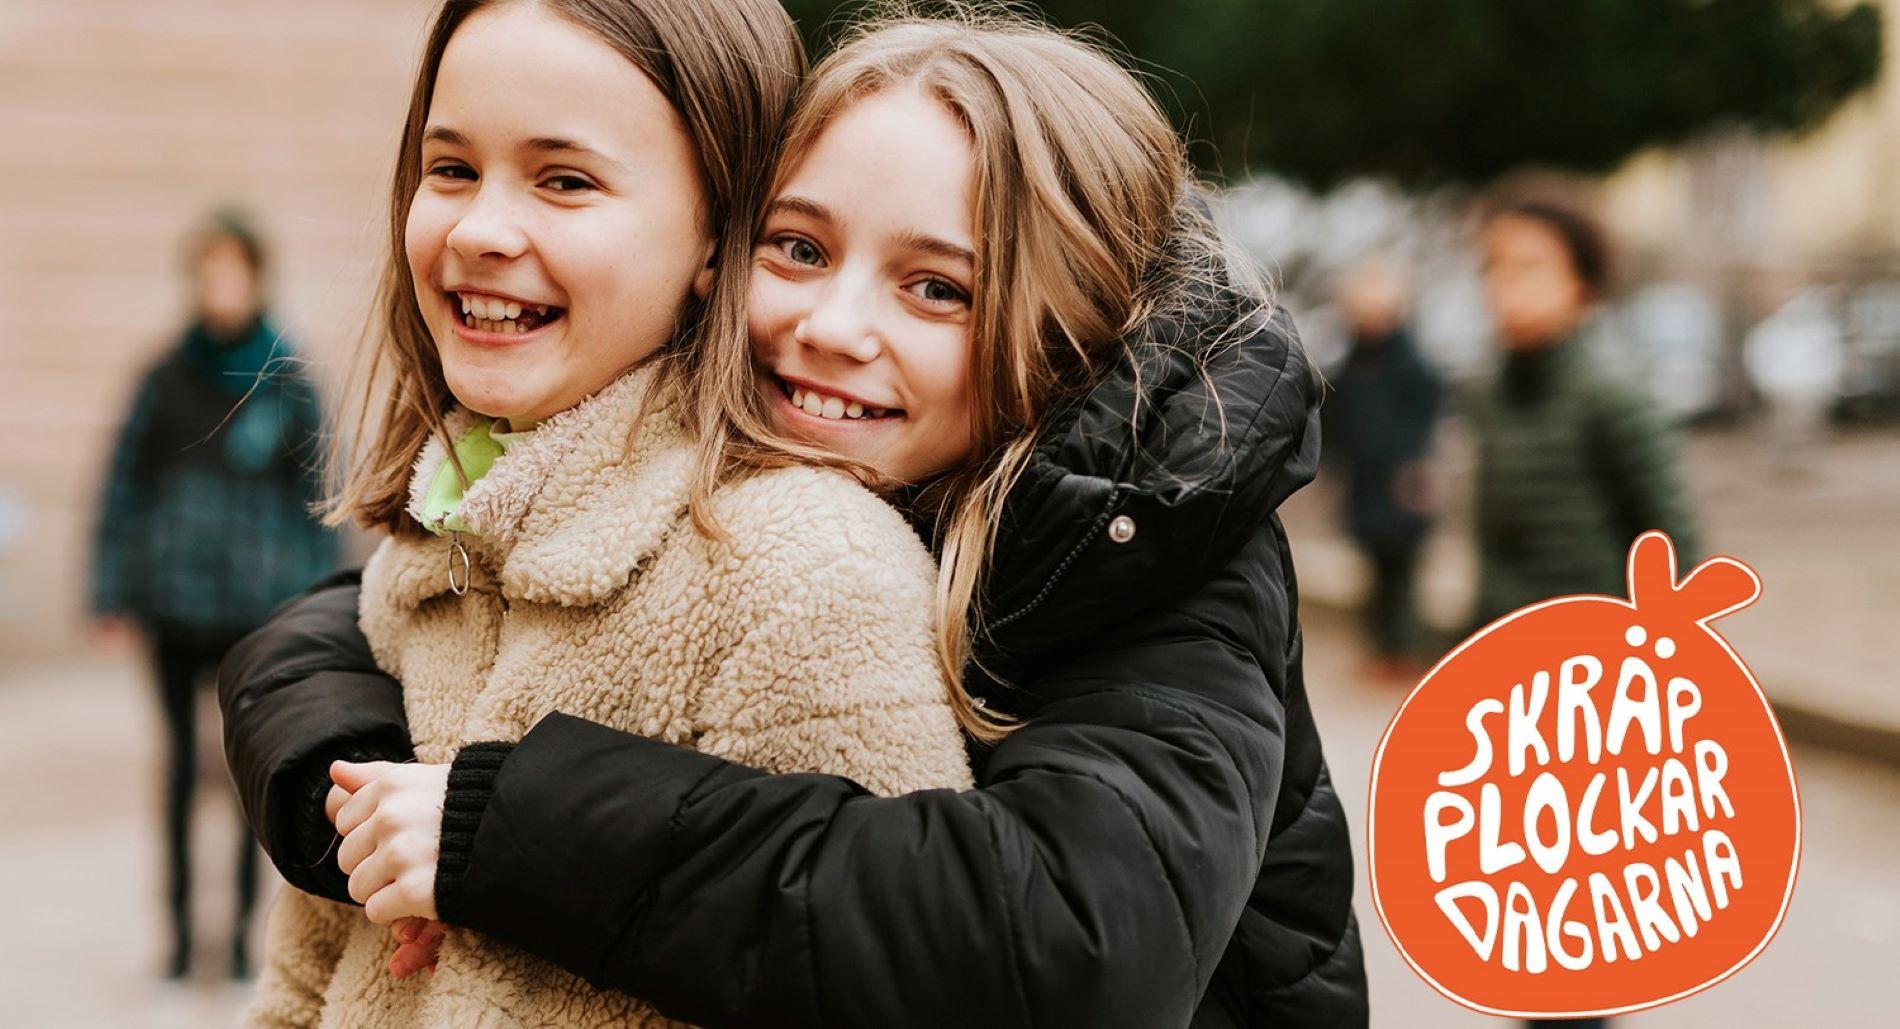 Anmäl din barngrupp, avdelning eller ungdomsförening till Skräpplockardagarna!